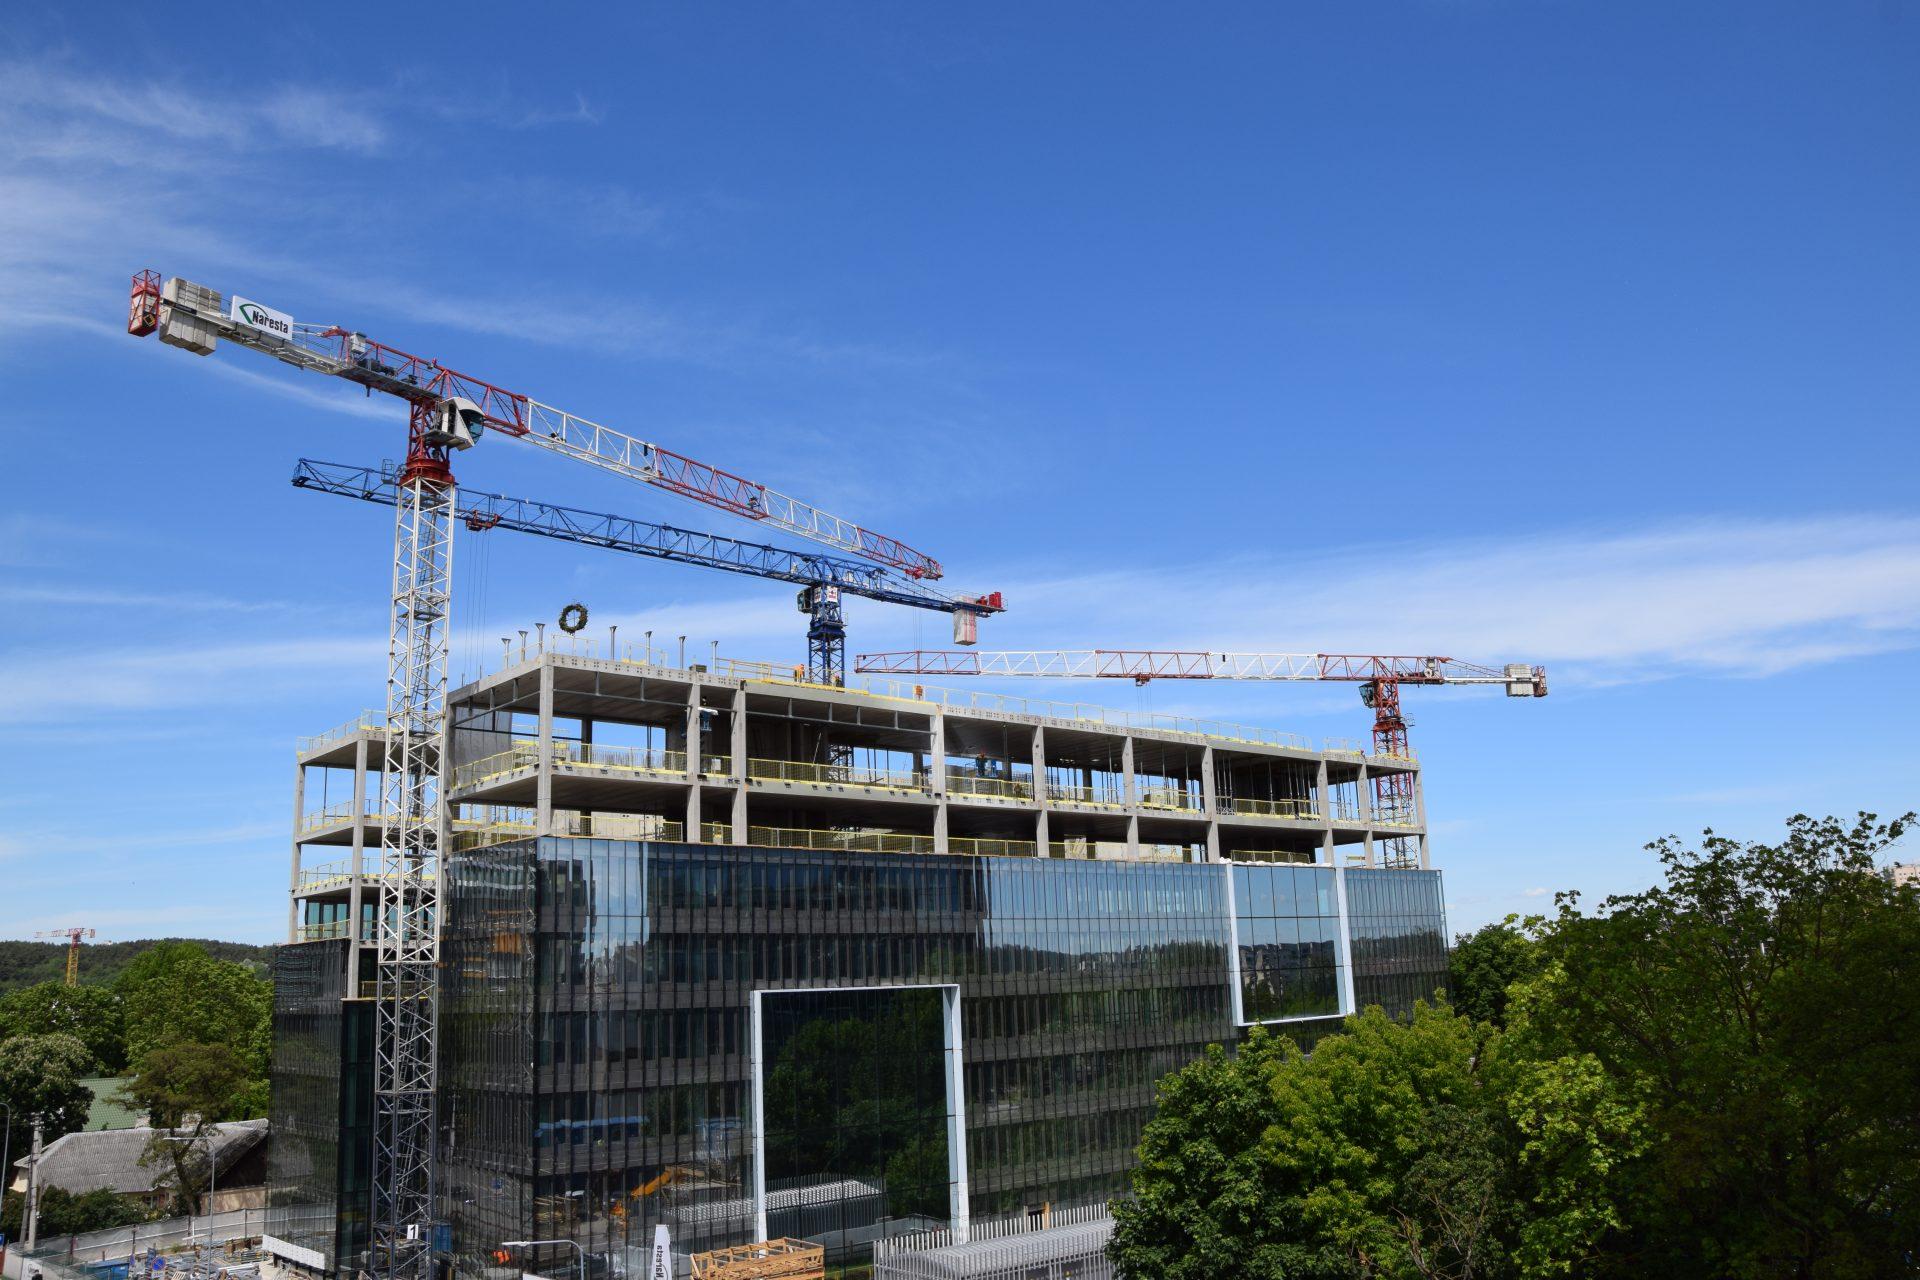 Iškeltas statybos vainikas verslo centro statybvietėje